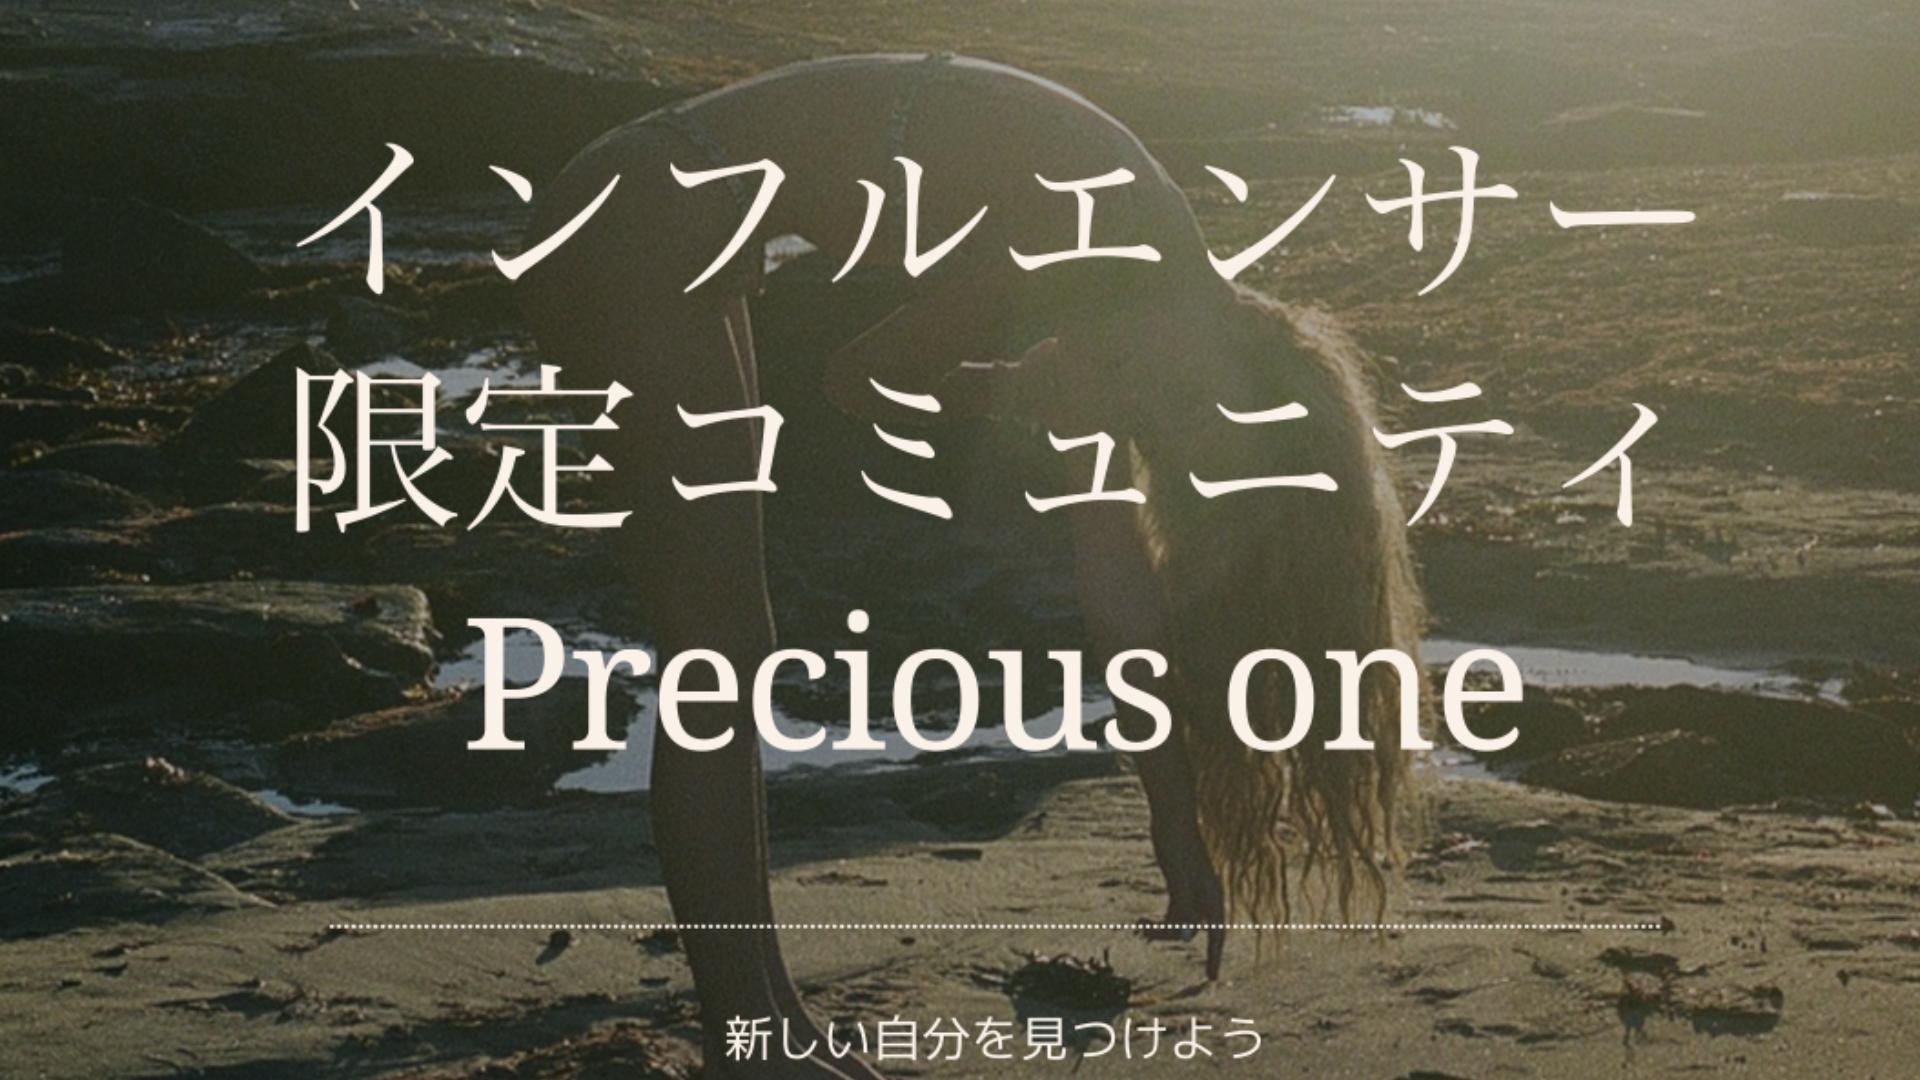 インフルエンサー限定コミュニティ Precious one